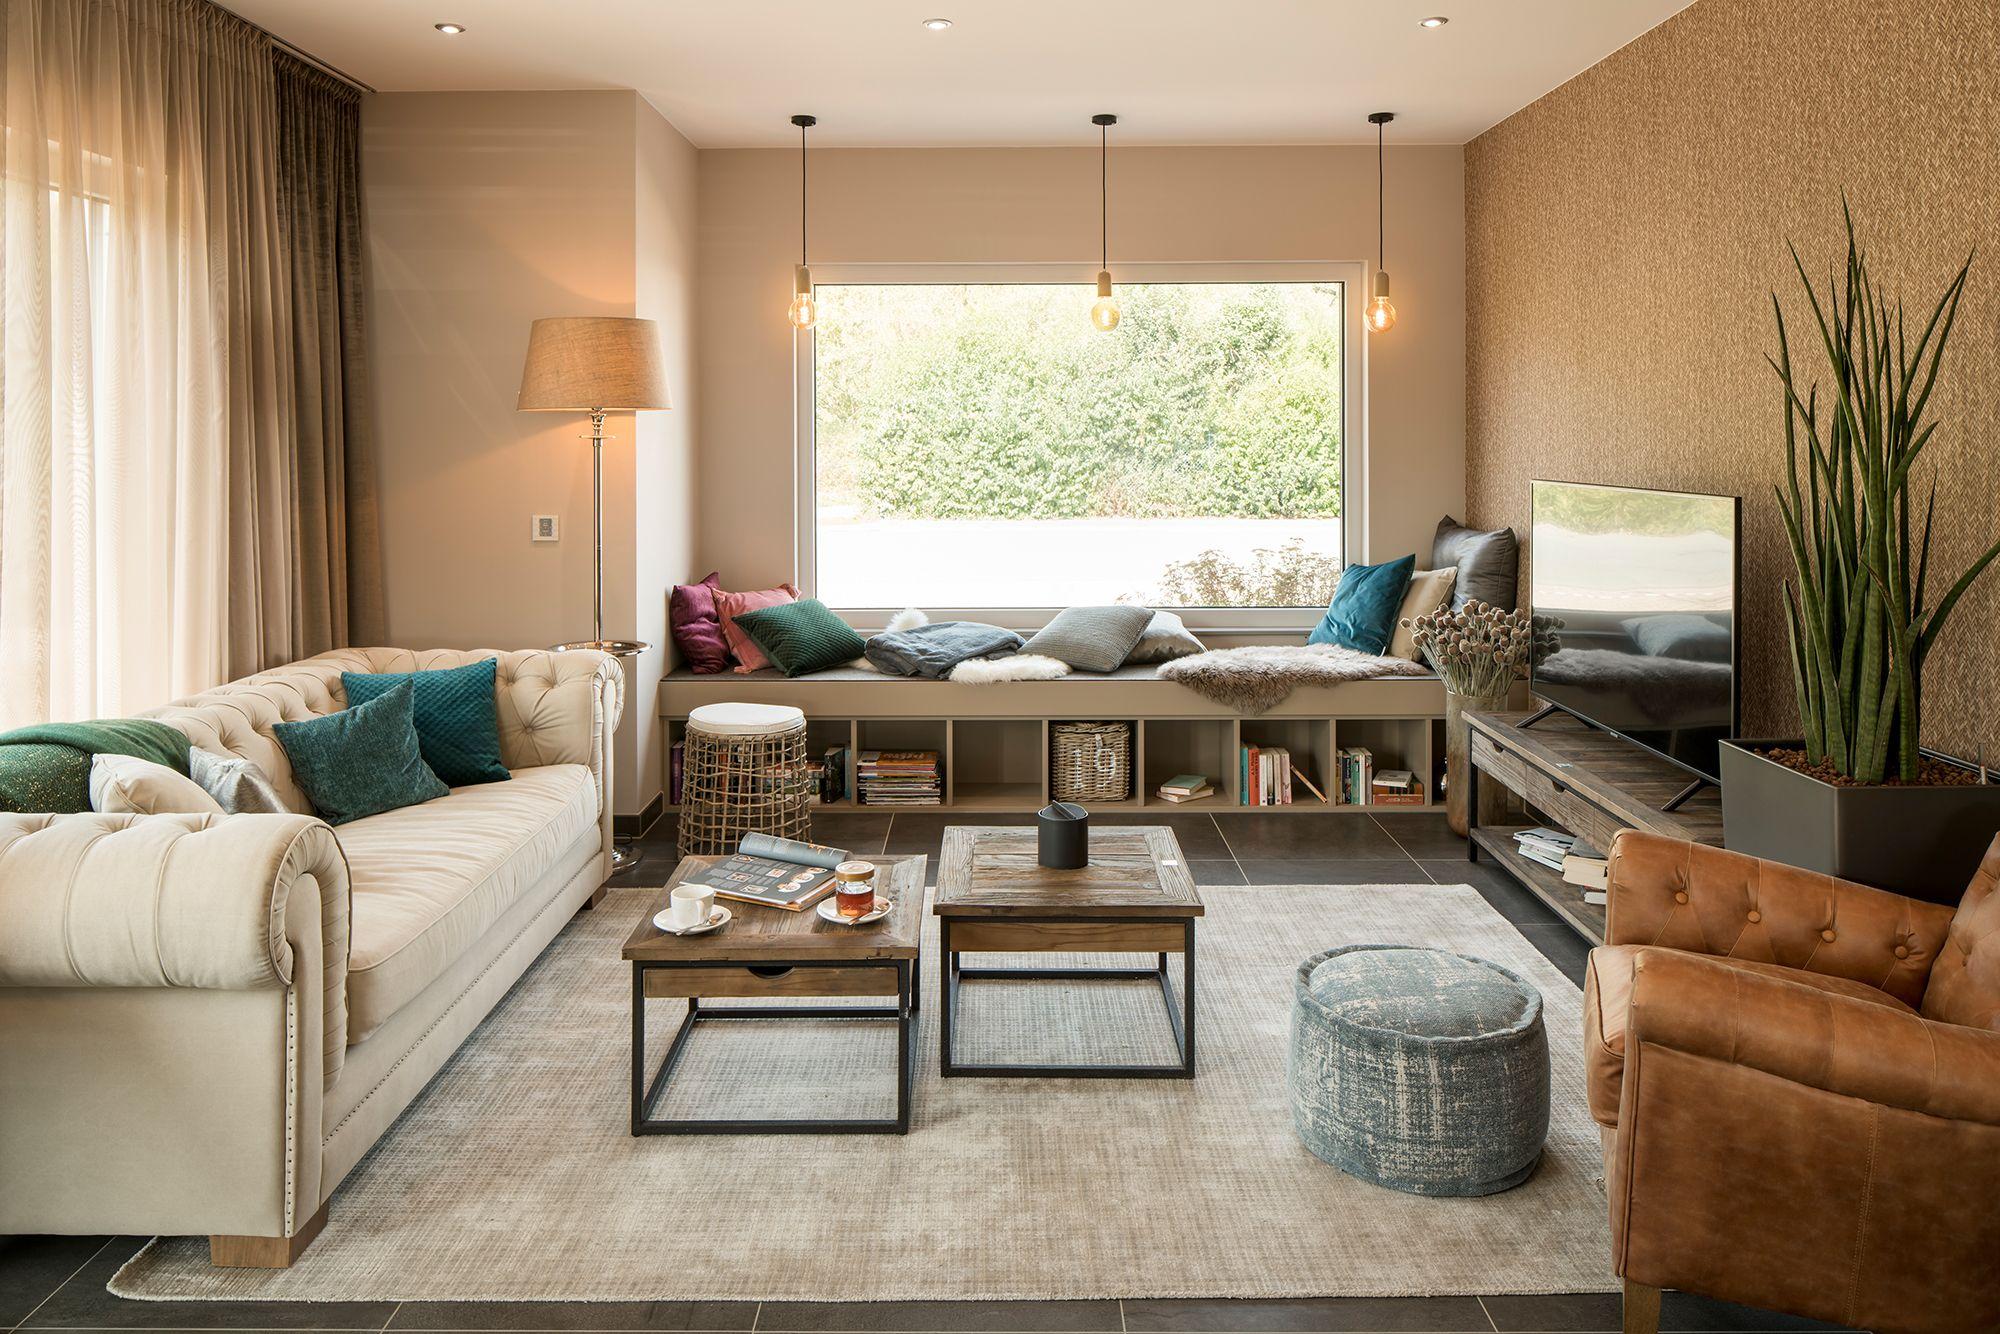 Wohnideen Wohnzimmer in Beigetönen mit